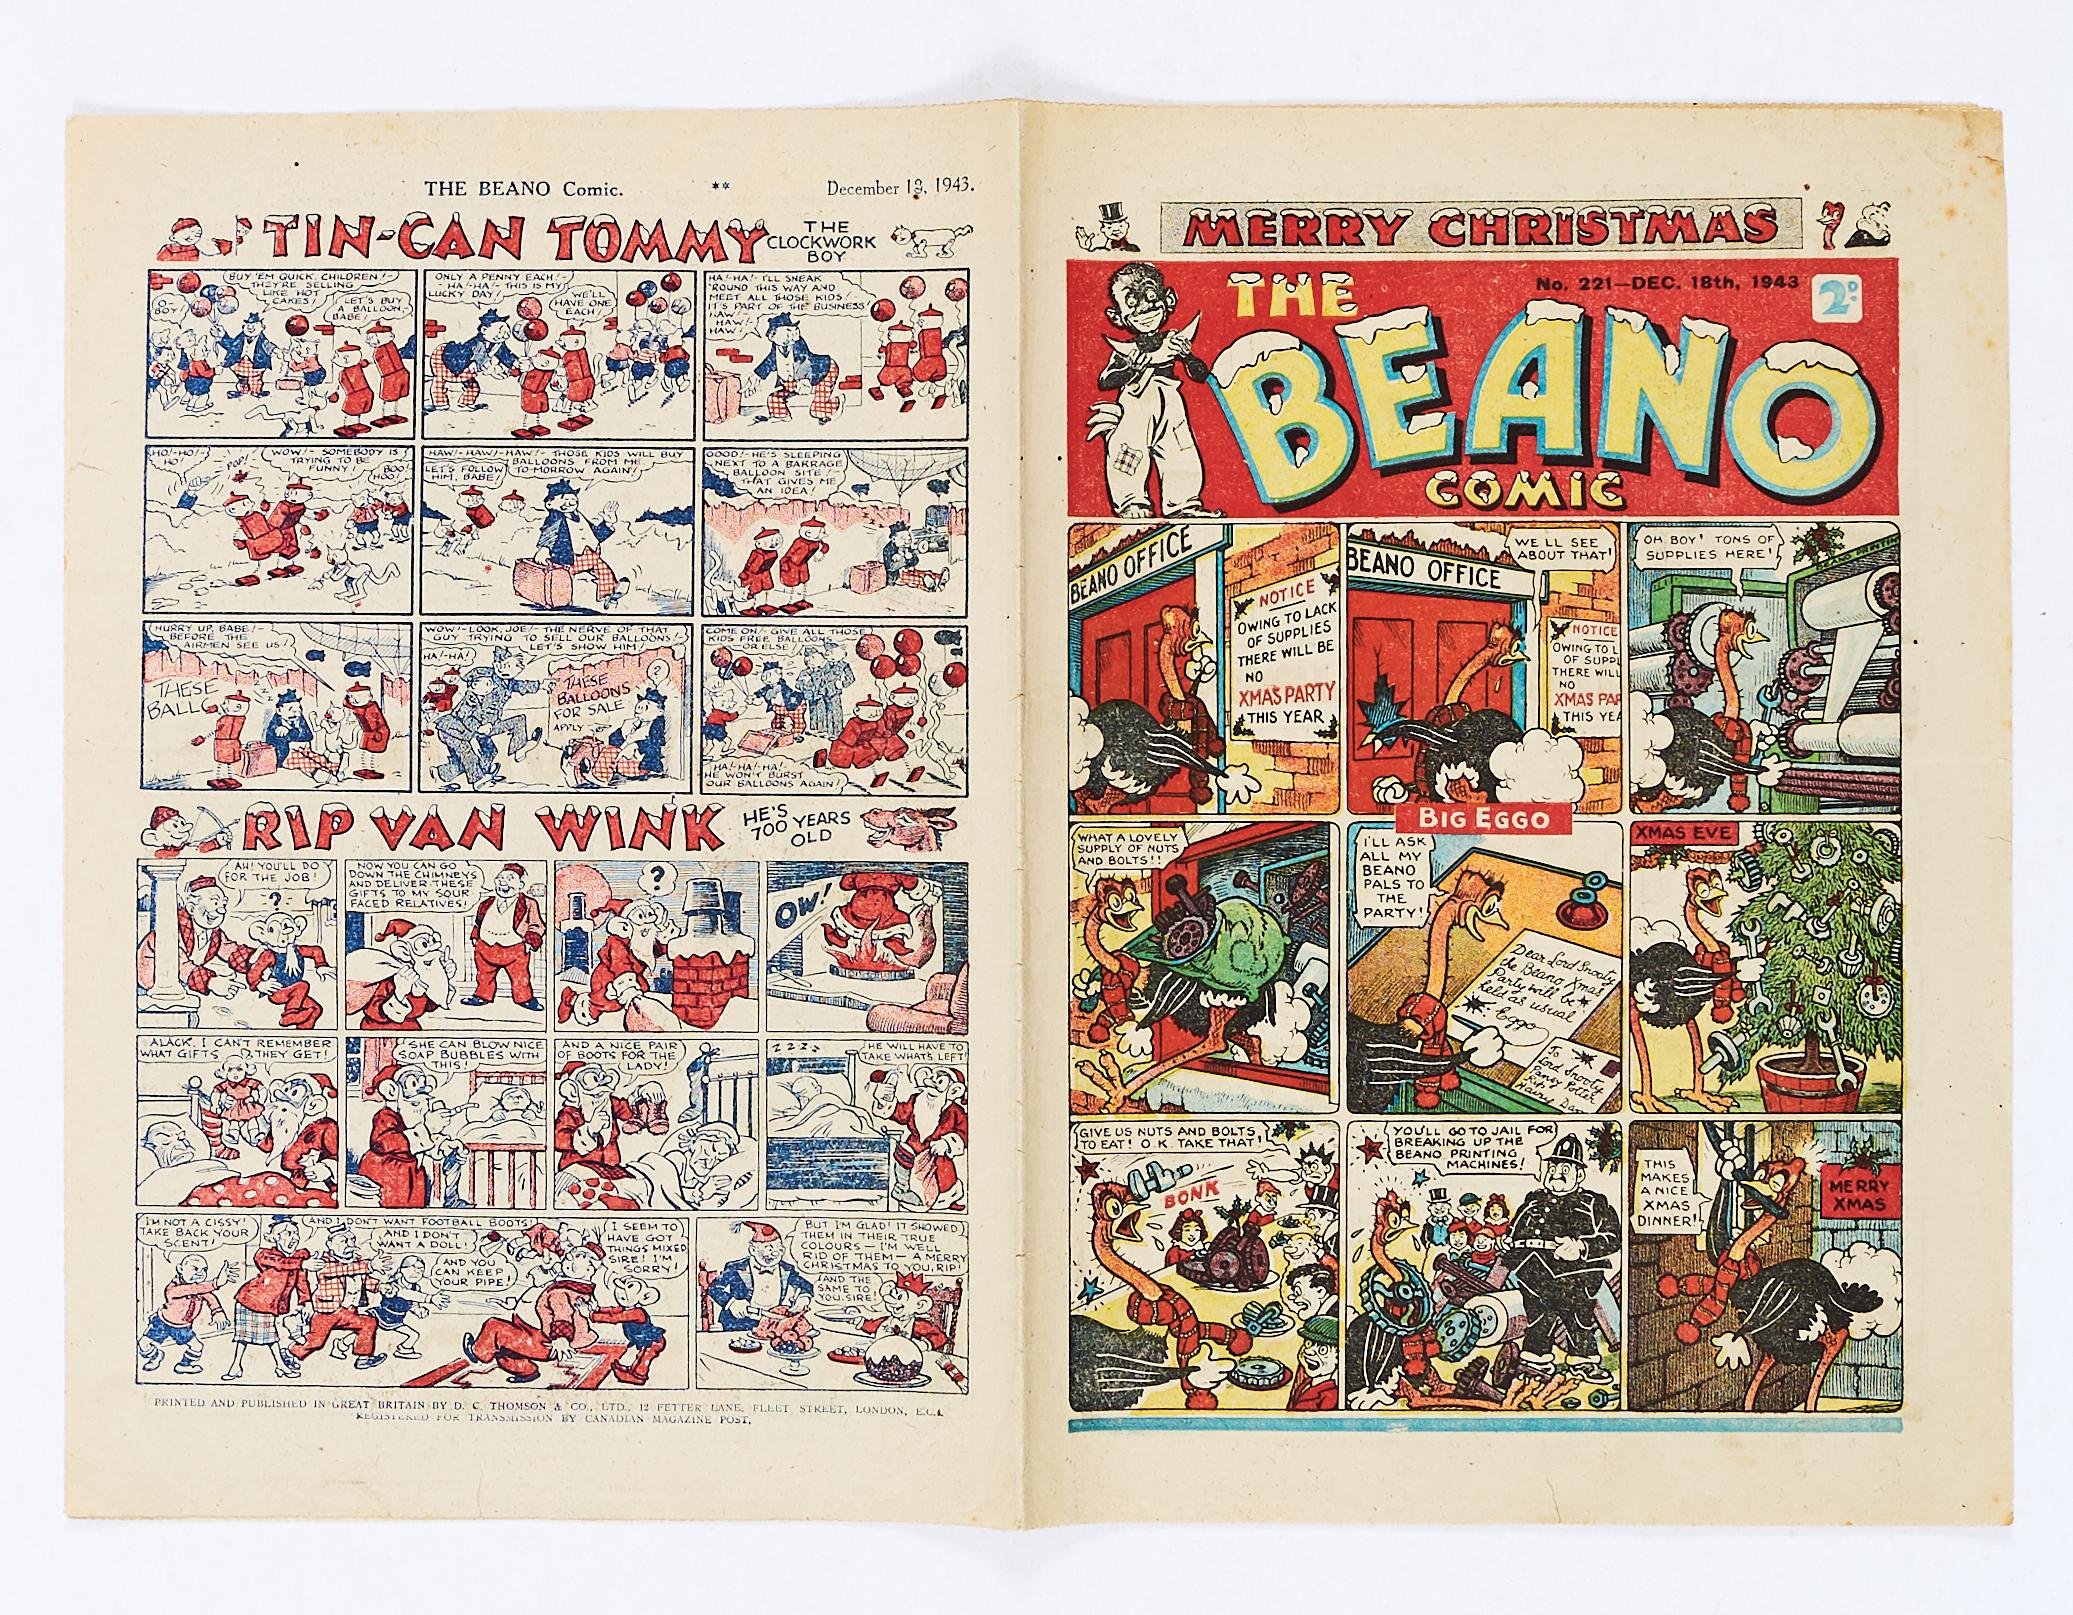 Lot 30 - Beano 221 (1943) Xmas propaganda war issue. The Beano sends a Christmas card to Hitler. Big Eggo